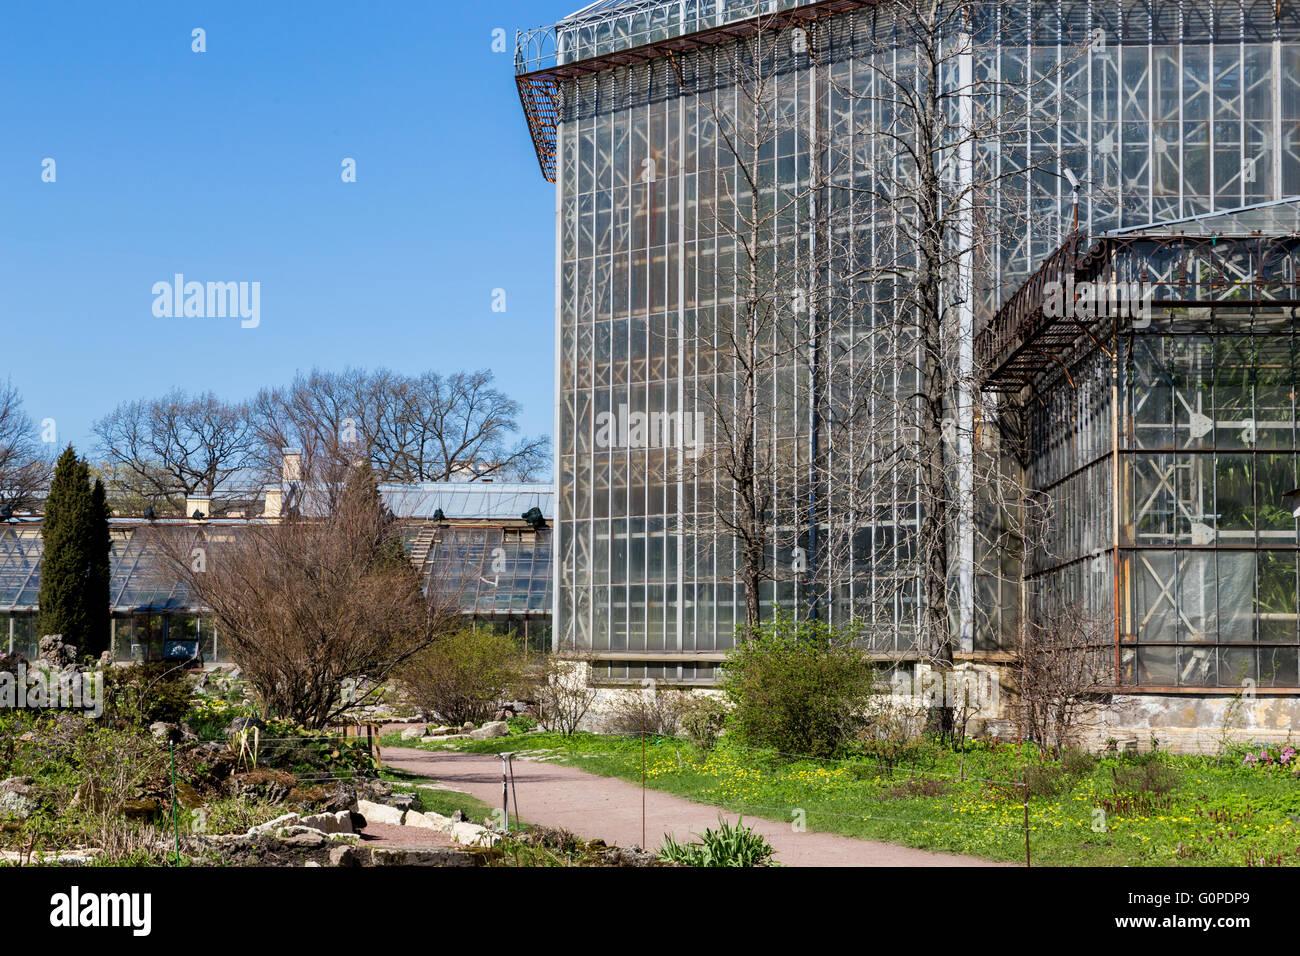 Gewachshaus In Sankt Peterburg Botanischer Garten Alte Architektur